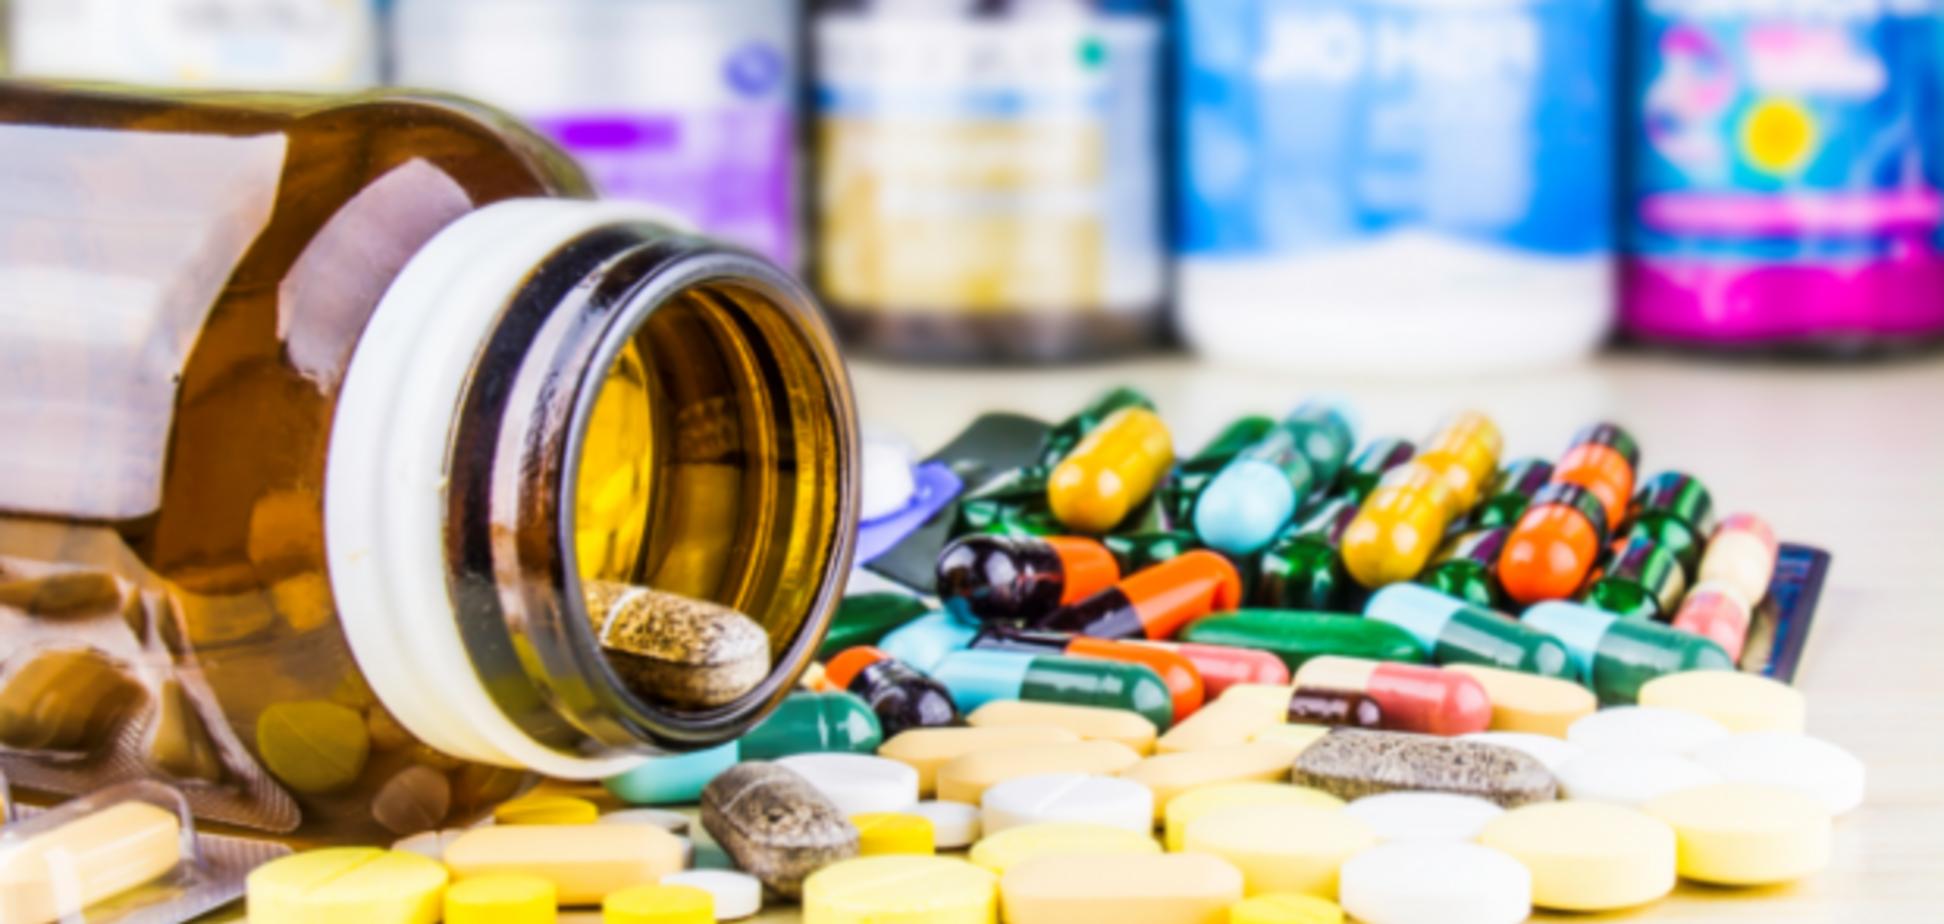 Вони не допоможуть: гінекологиня назвала популярні, але неефективні препарати